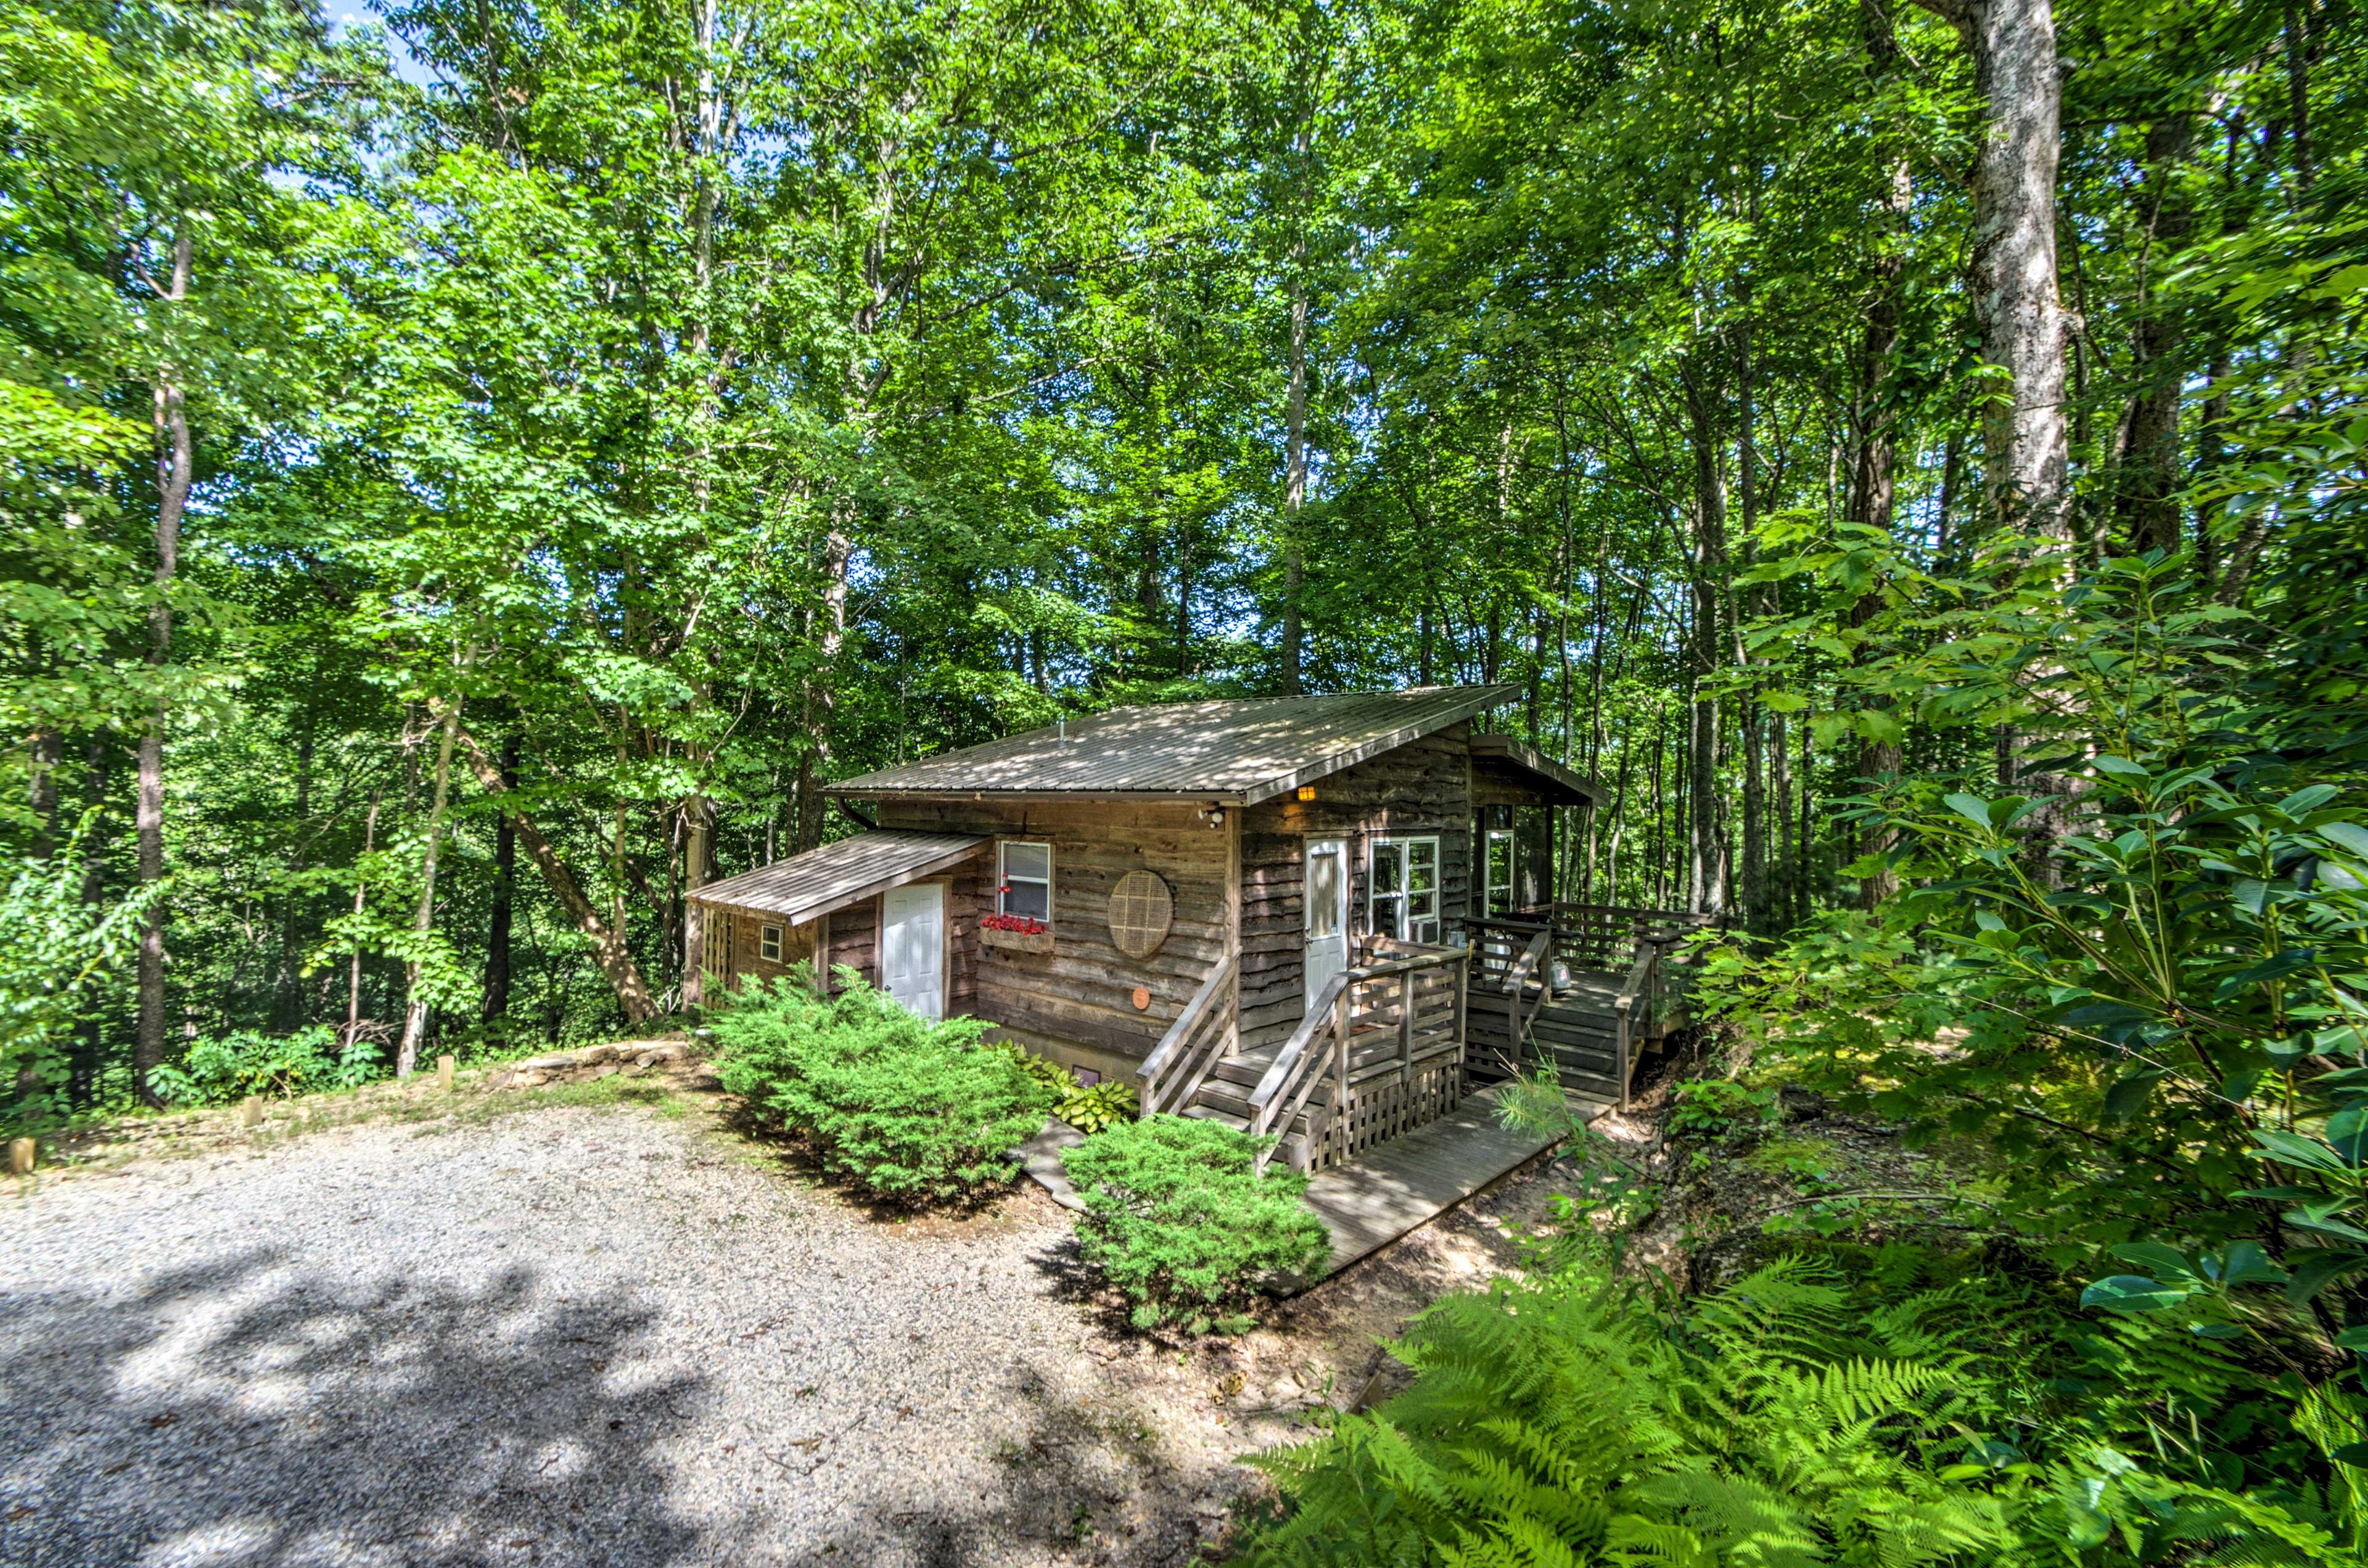 Escape to this 1-bathroom vacation rental efficiency cabin in Robbinsville.